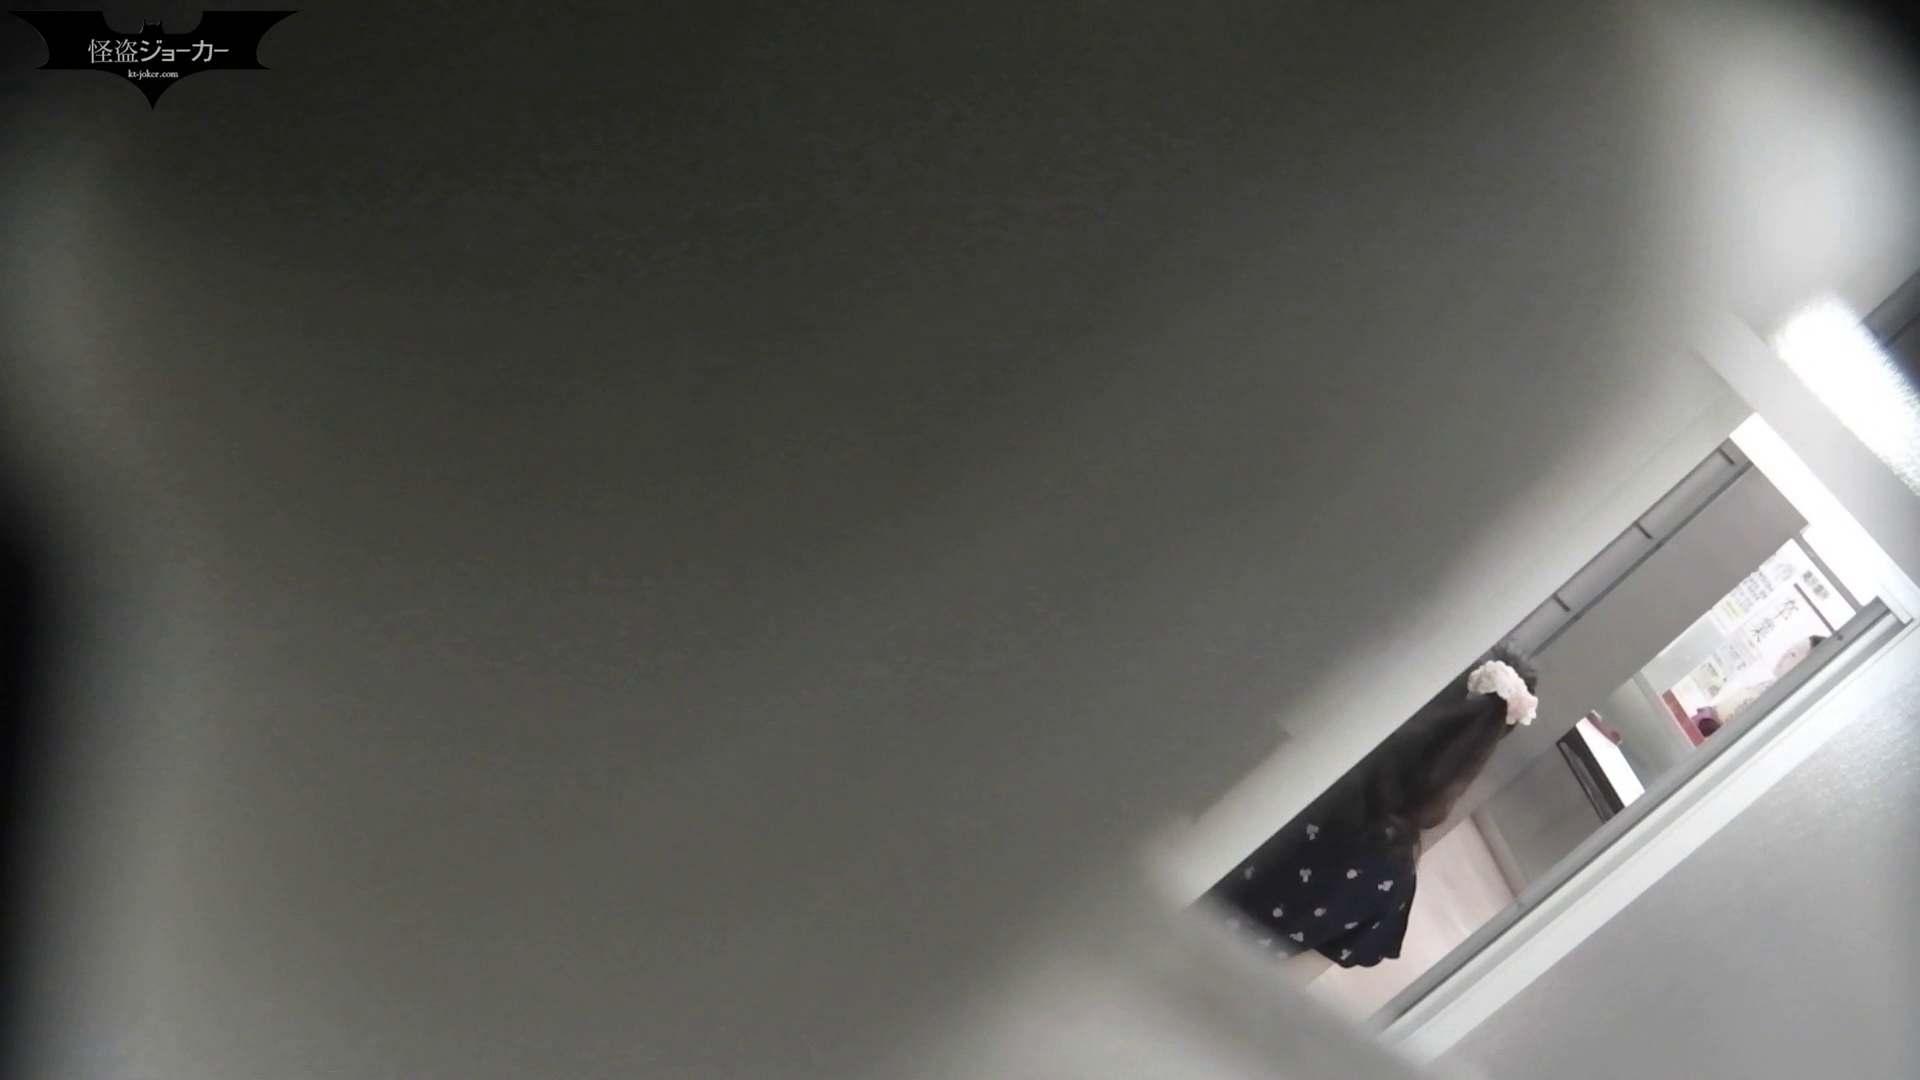 洗面所特攻隊 vol.047 モリモリ、ふきふきにスーパーズーム! お姉さんのSEX | 洗面所のぞき  101枚 26